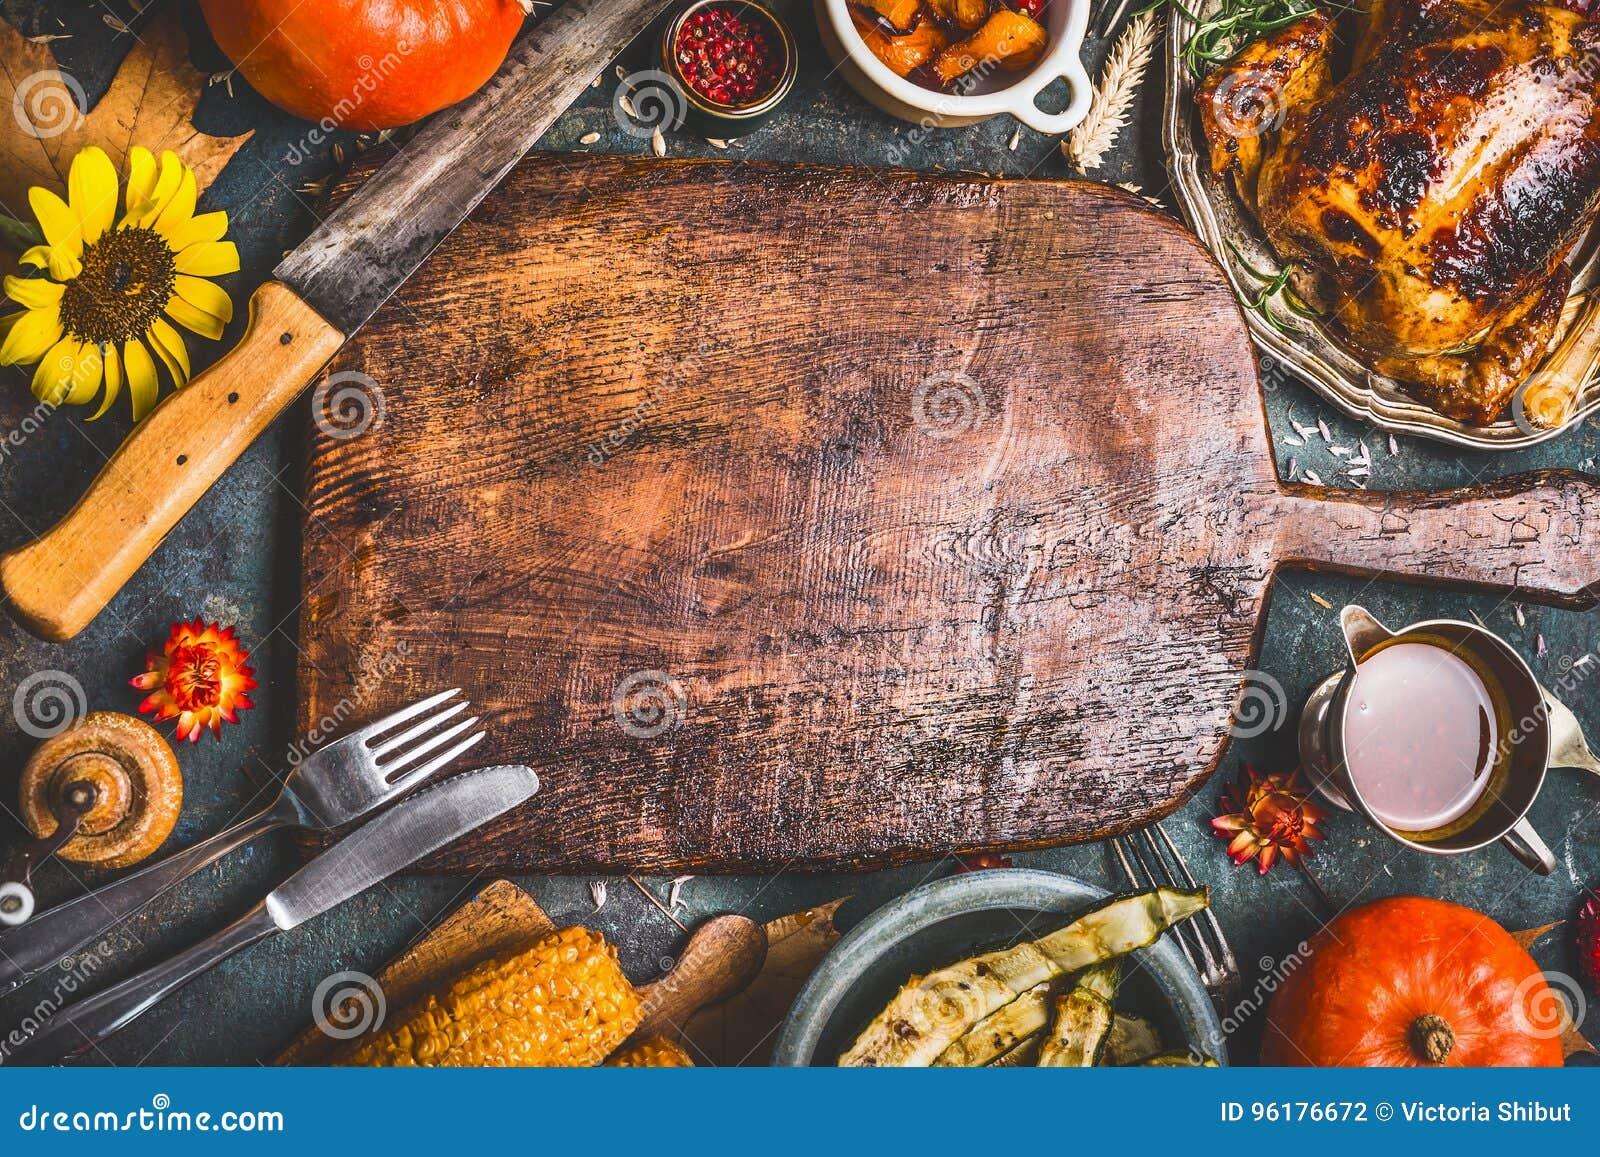 El fondo de la cena de la acción de gracias con el pavo, salsa, asó a la parrilla las verduras, maíz, cubiertos, calabaza, hojas